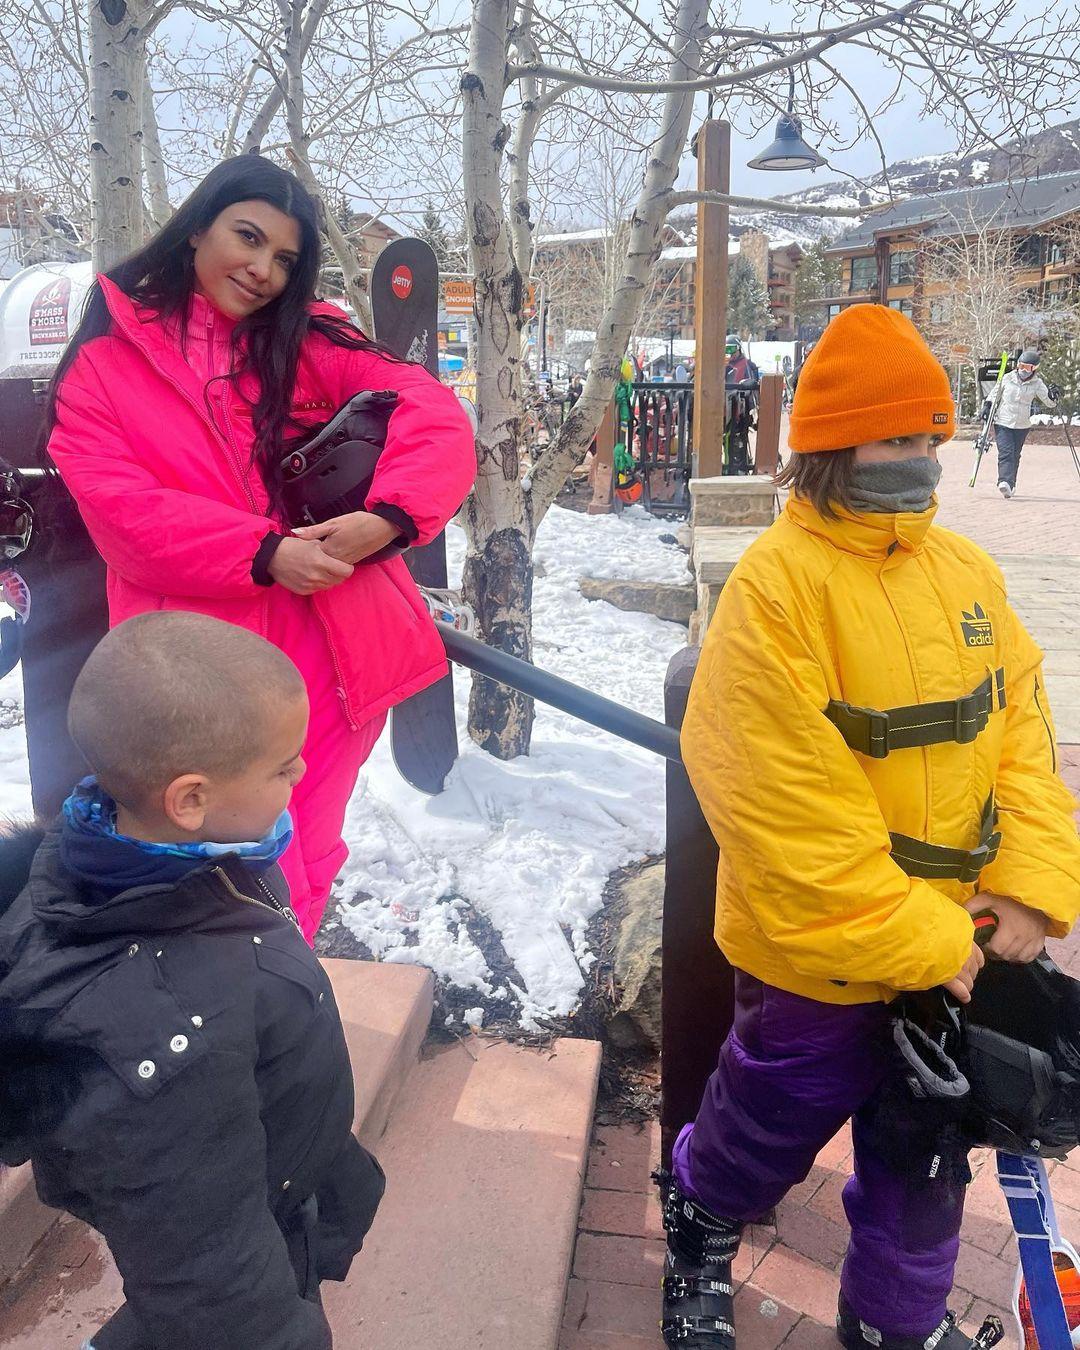 Снежные склоны и снимки в бикини: Кортни Кардашьян отдыхает в Аспене